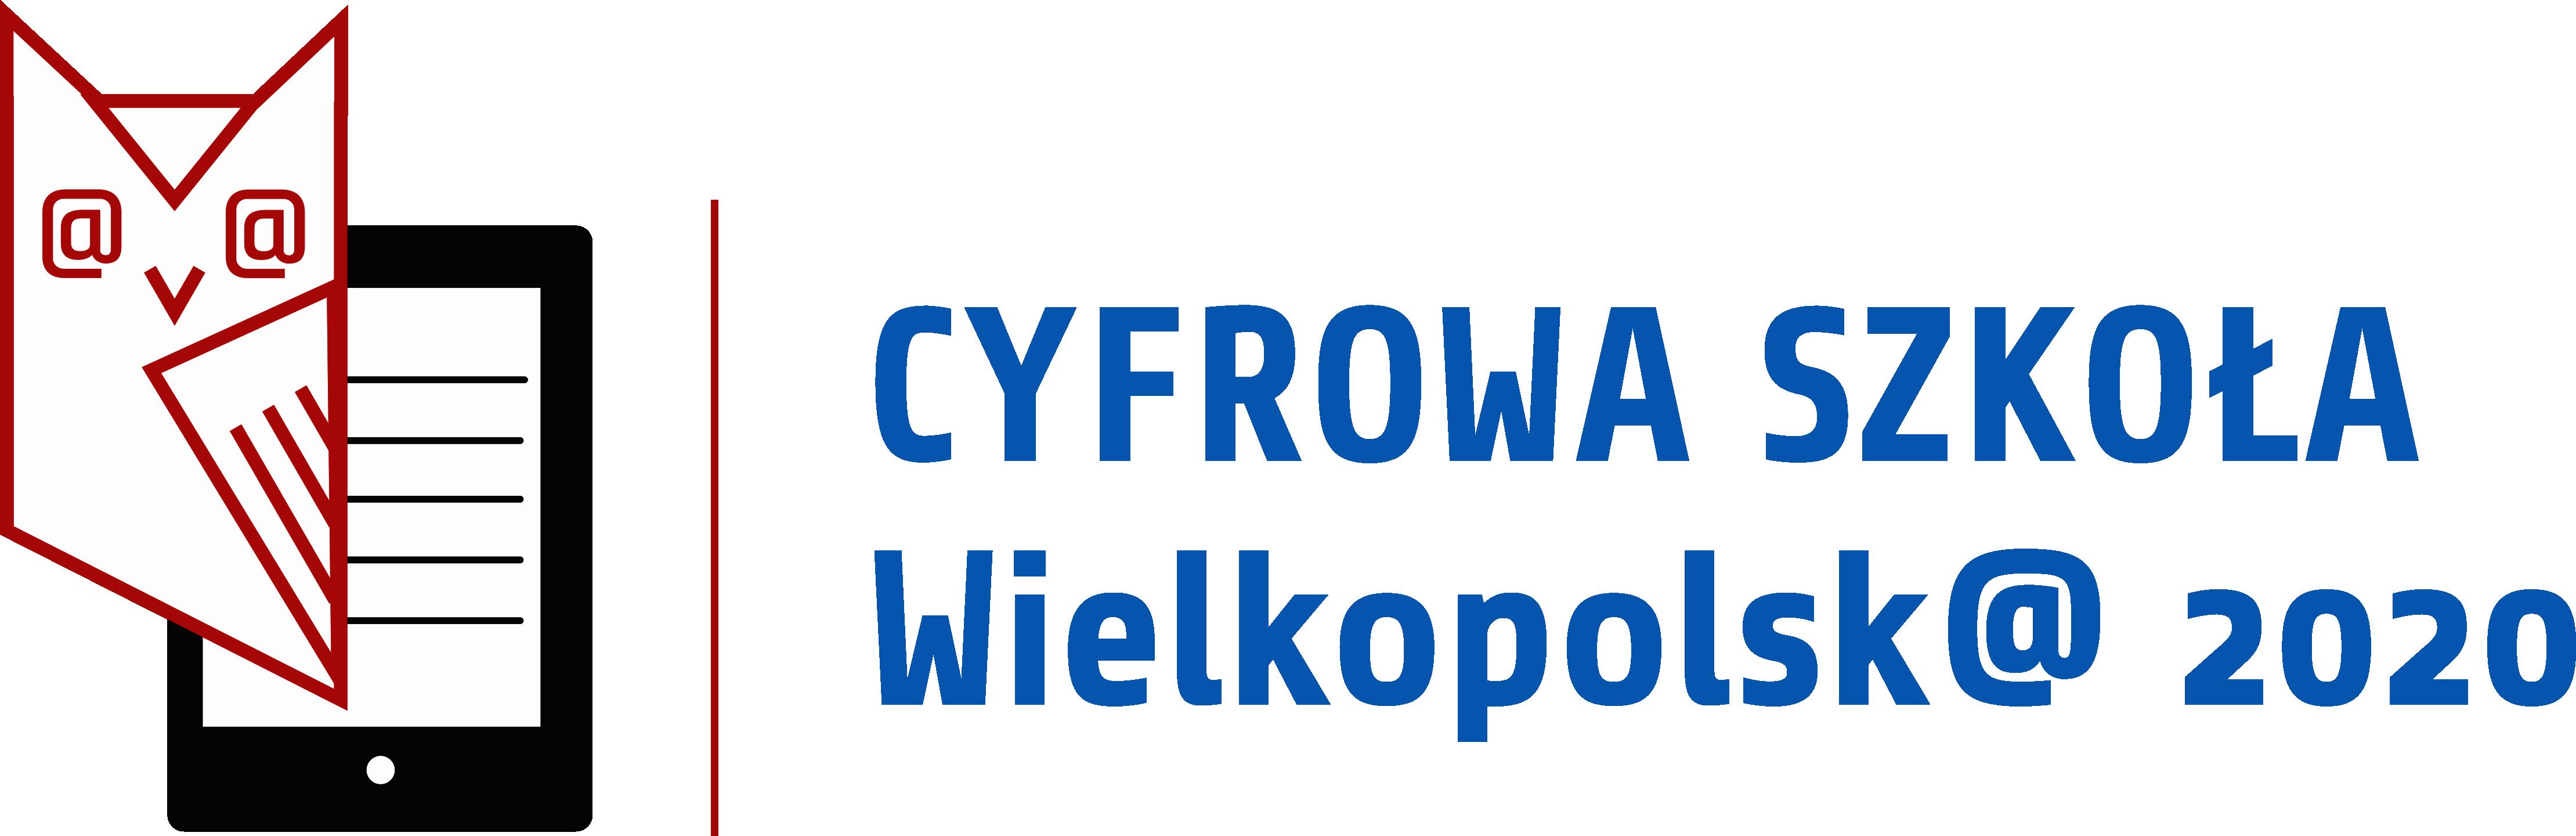 logo Cyfrowa Szkoła